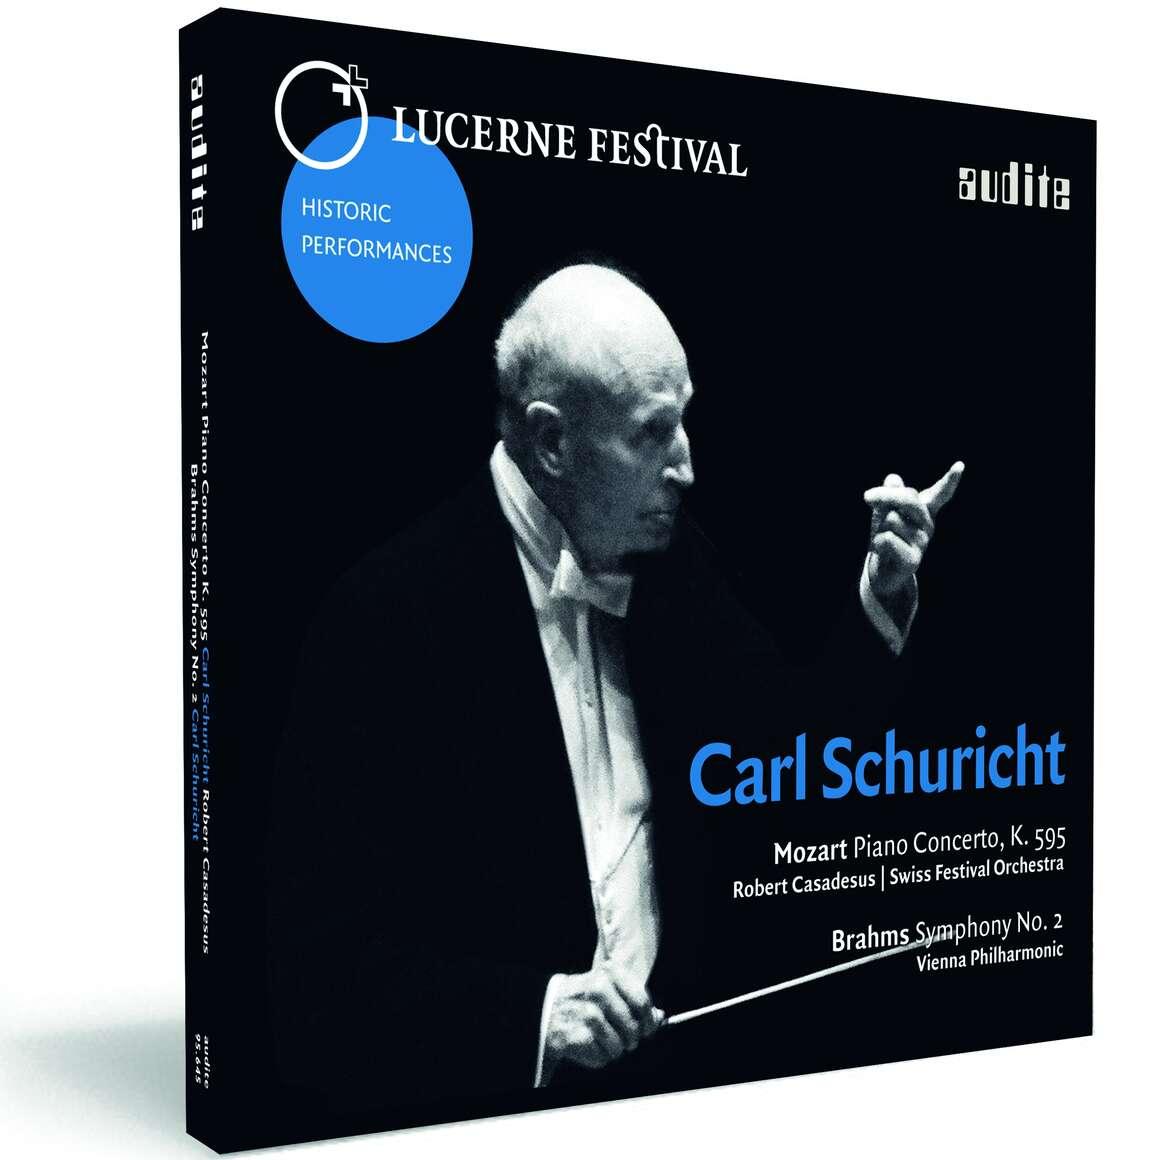 Carl Schuricht conducts Mozart & Brahms